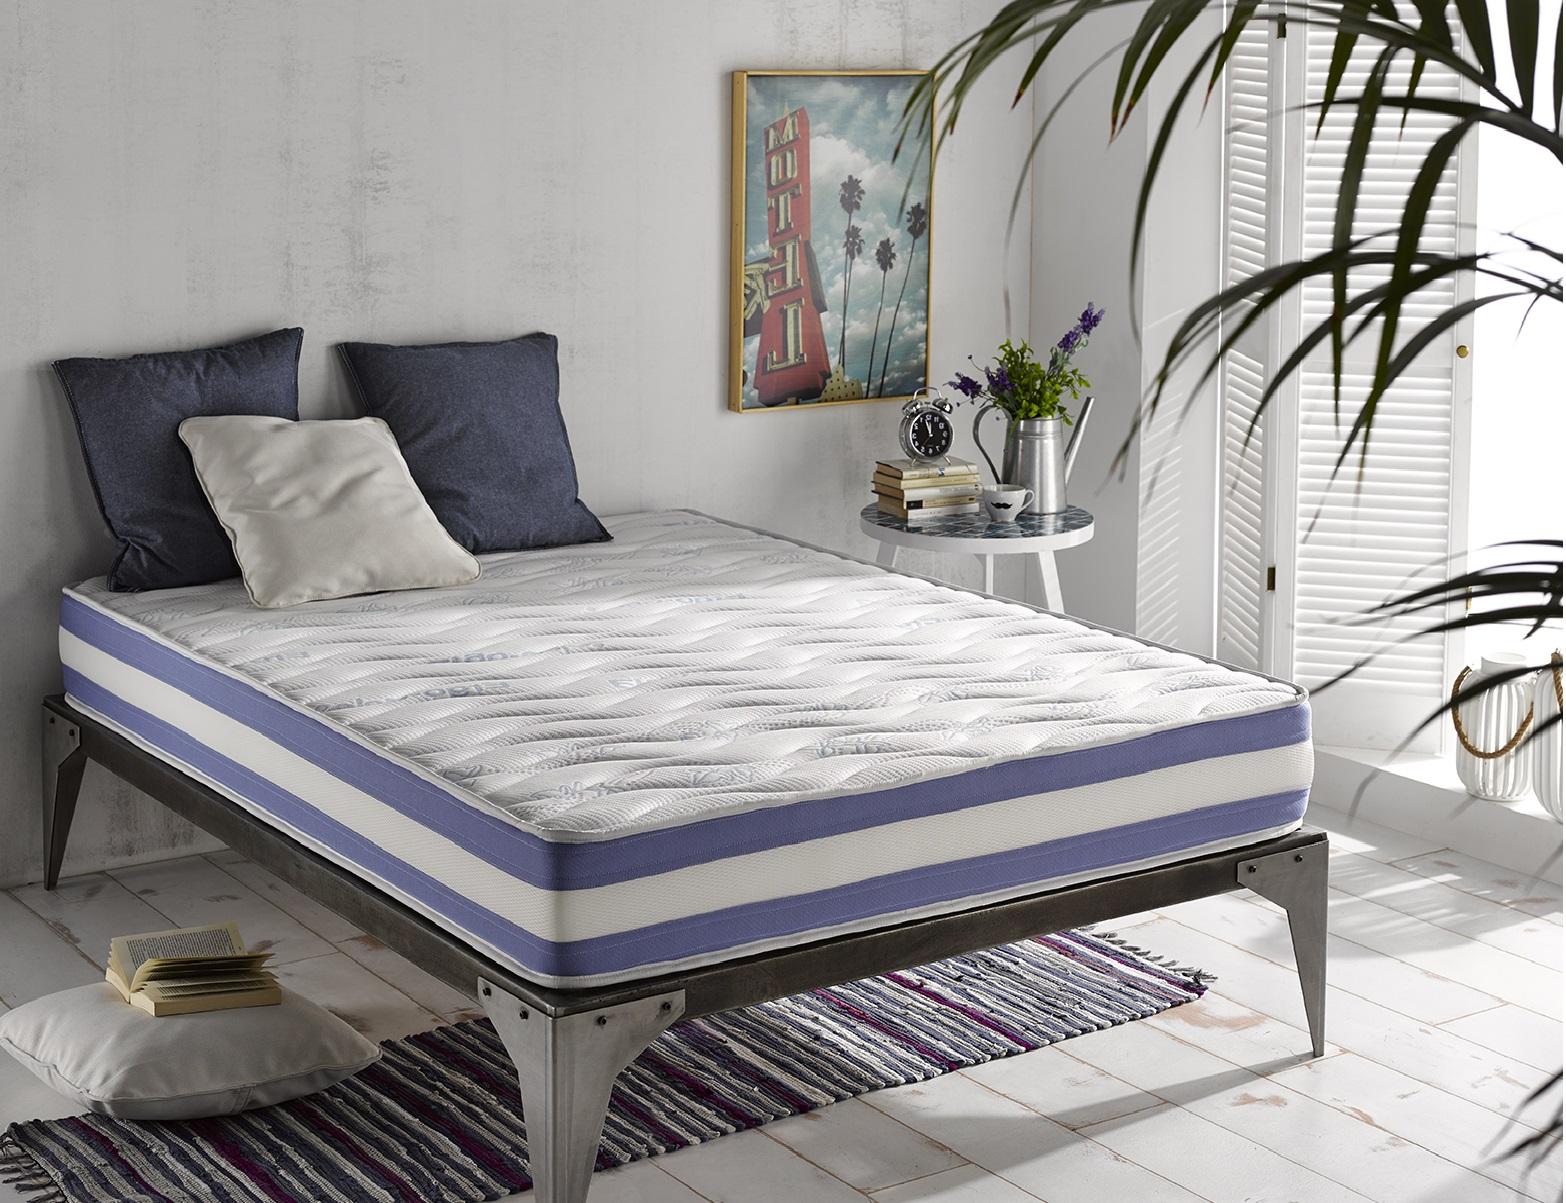 5 sites sur le matelas et la literie l 39 ours sur livejournal. Black Bedroom Furniture Sets. Home Design Ideas